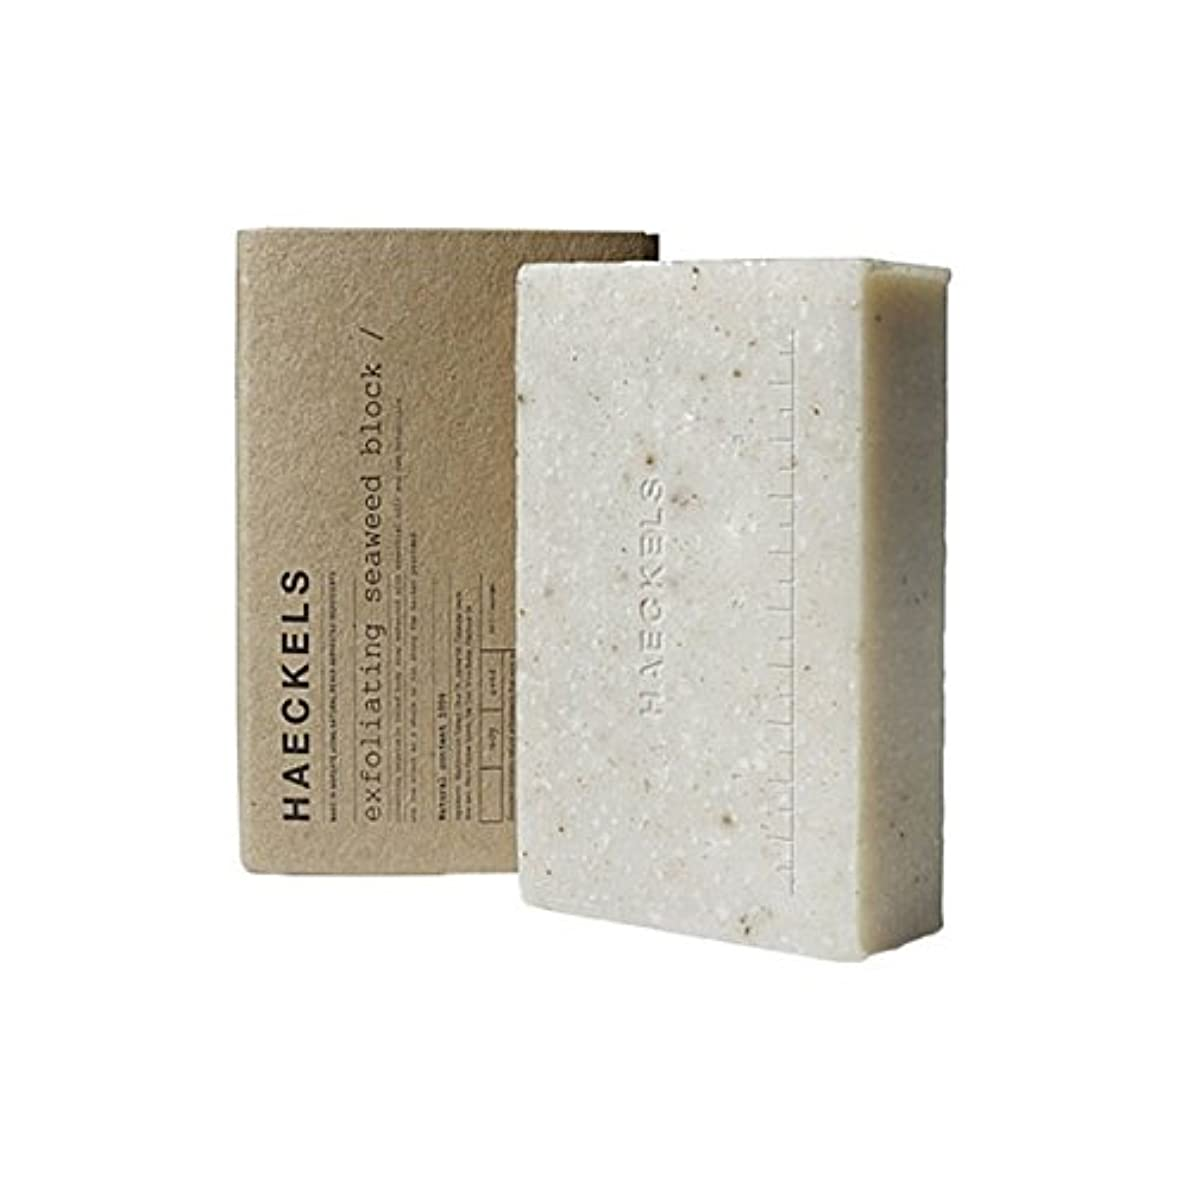 スイス人キネマティクス侮辱海藻ブロック320グラムを剥離 x2 - Haeckels Exfoliating Seaweed Block 320G (Pack of 2) [並行輸入品]